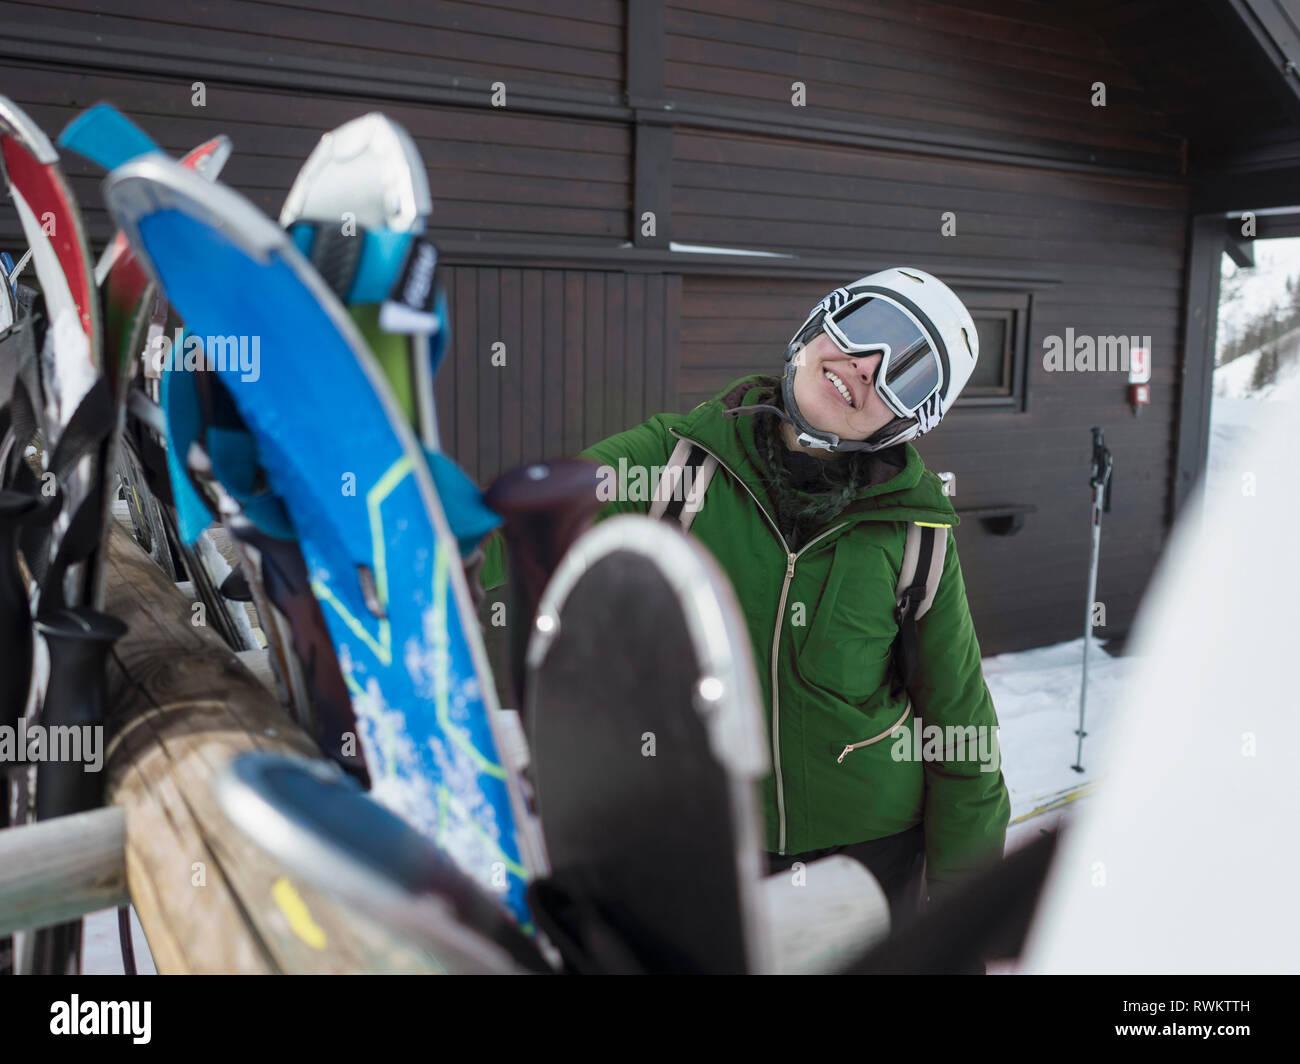 Donna giovane sciatore indossando il casco e occhiali da sci al di fuori del rifugio sciistico, ritratto, Alpe Ciamporino, Piemonte, Italia Immagini Stock